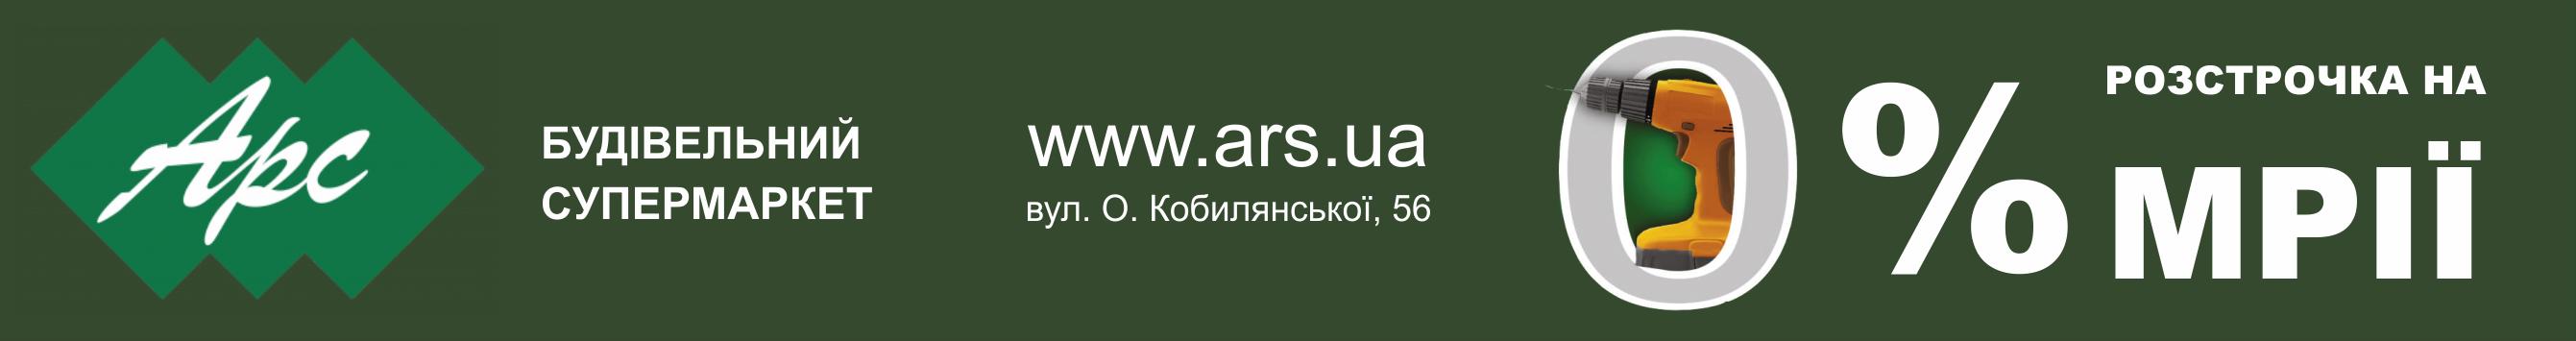 Арс-кераміка